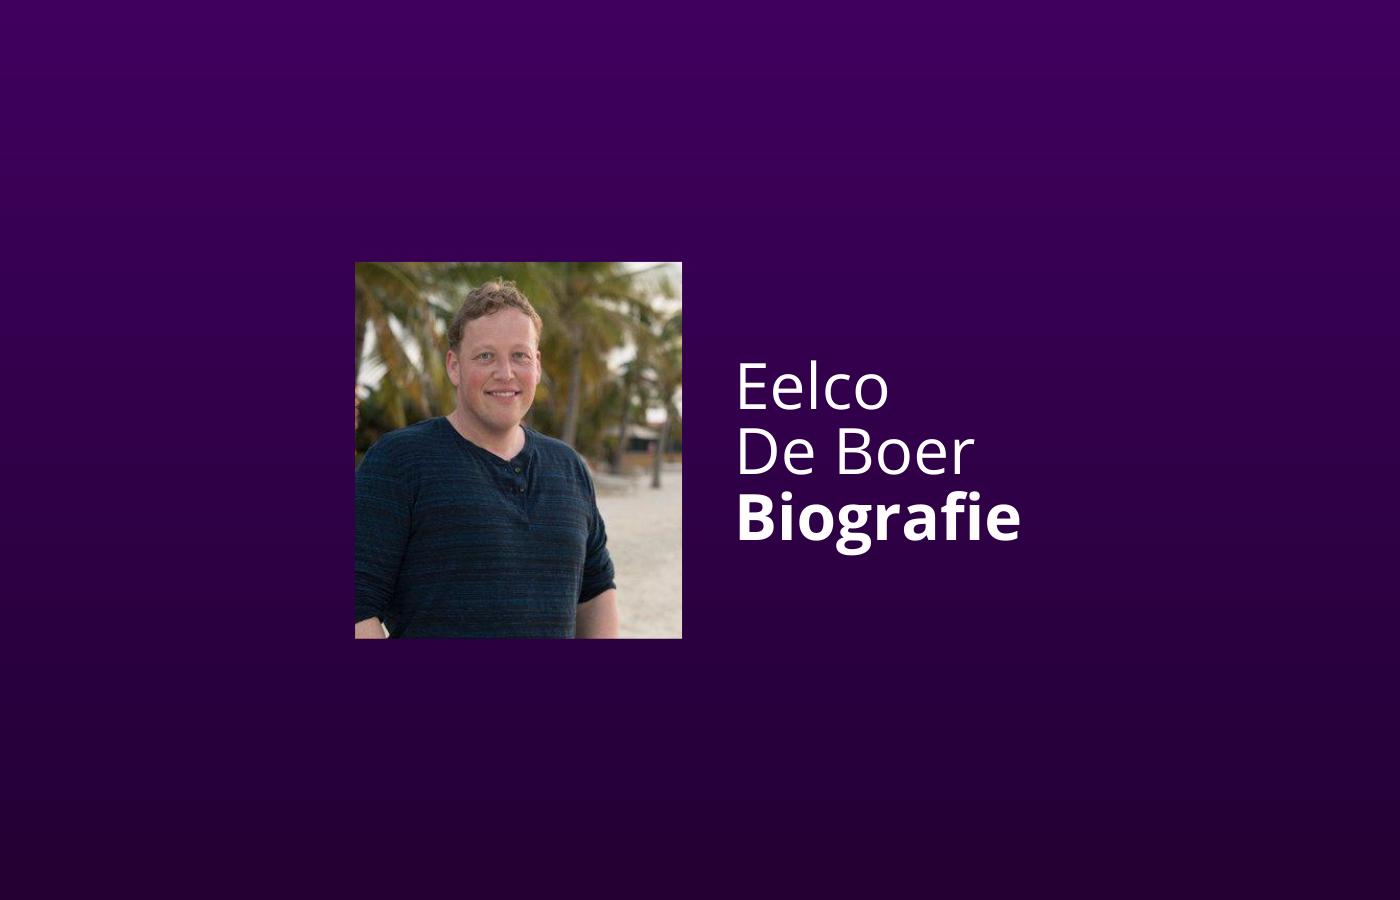 eelco de boer wiki